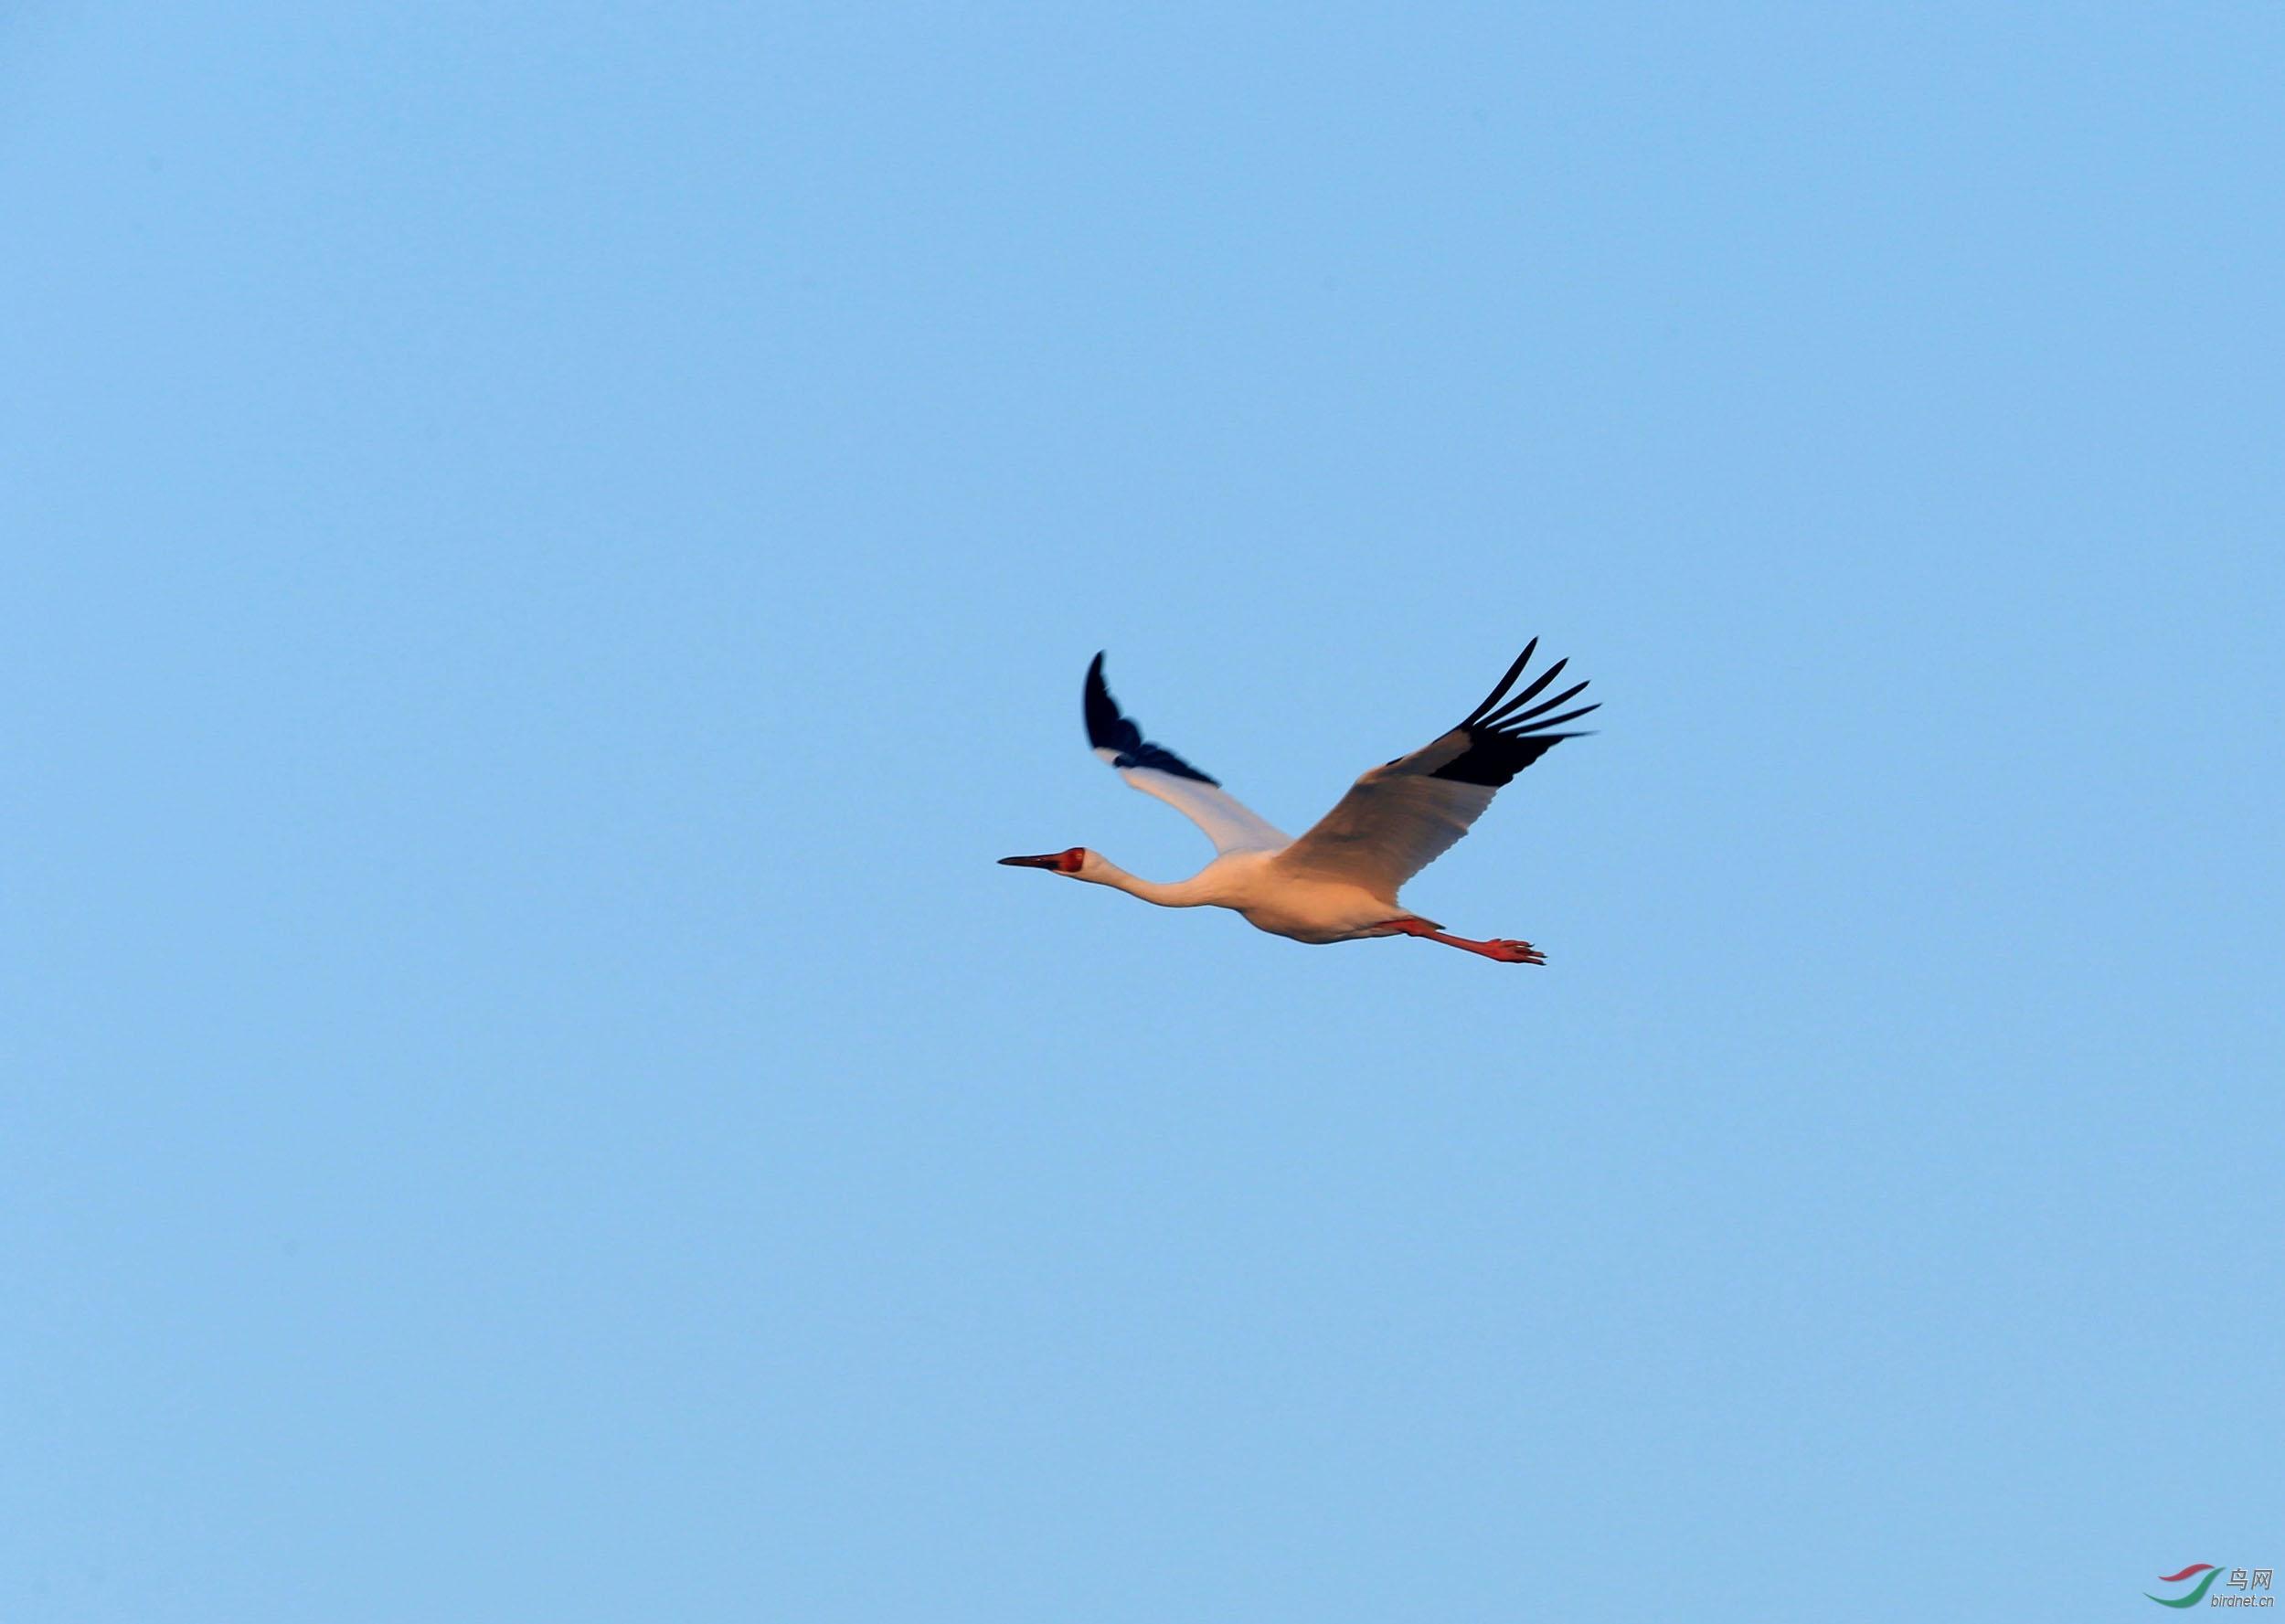 每年的春秋两季,吉林省西部的镇赉县的莫莫格湿地和通榆县的向海湿地是白鹤迁徙必须停息之所在,特别是莫莫格湿地,有记录显示世界上90%的白鹤曾在此停息,很是壮观,故有白鹤之乡的美誉。上周末跑到莫莫格拍了几只鹤,和朋友们分享!并祝观鸟拍鸟版如鹤冲天,越办越好!!!